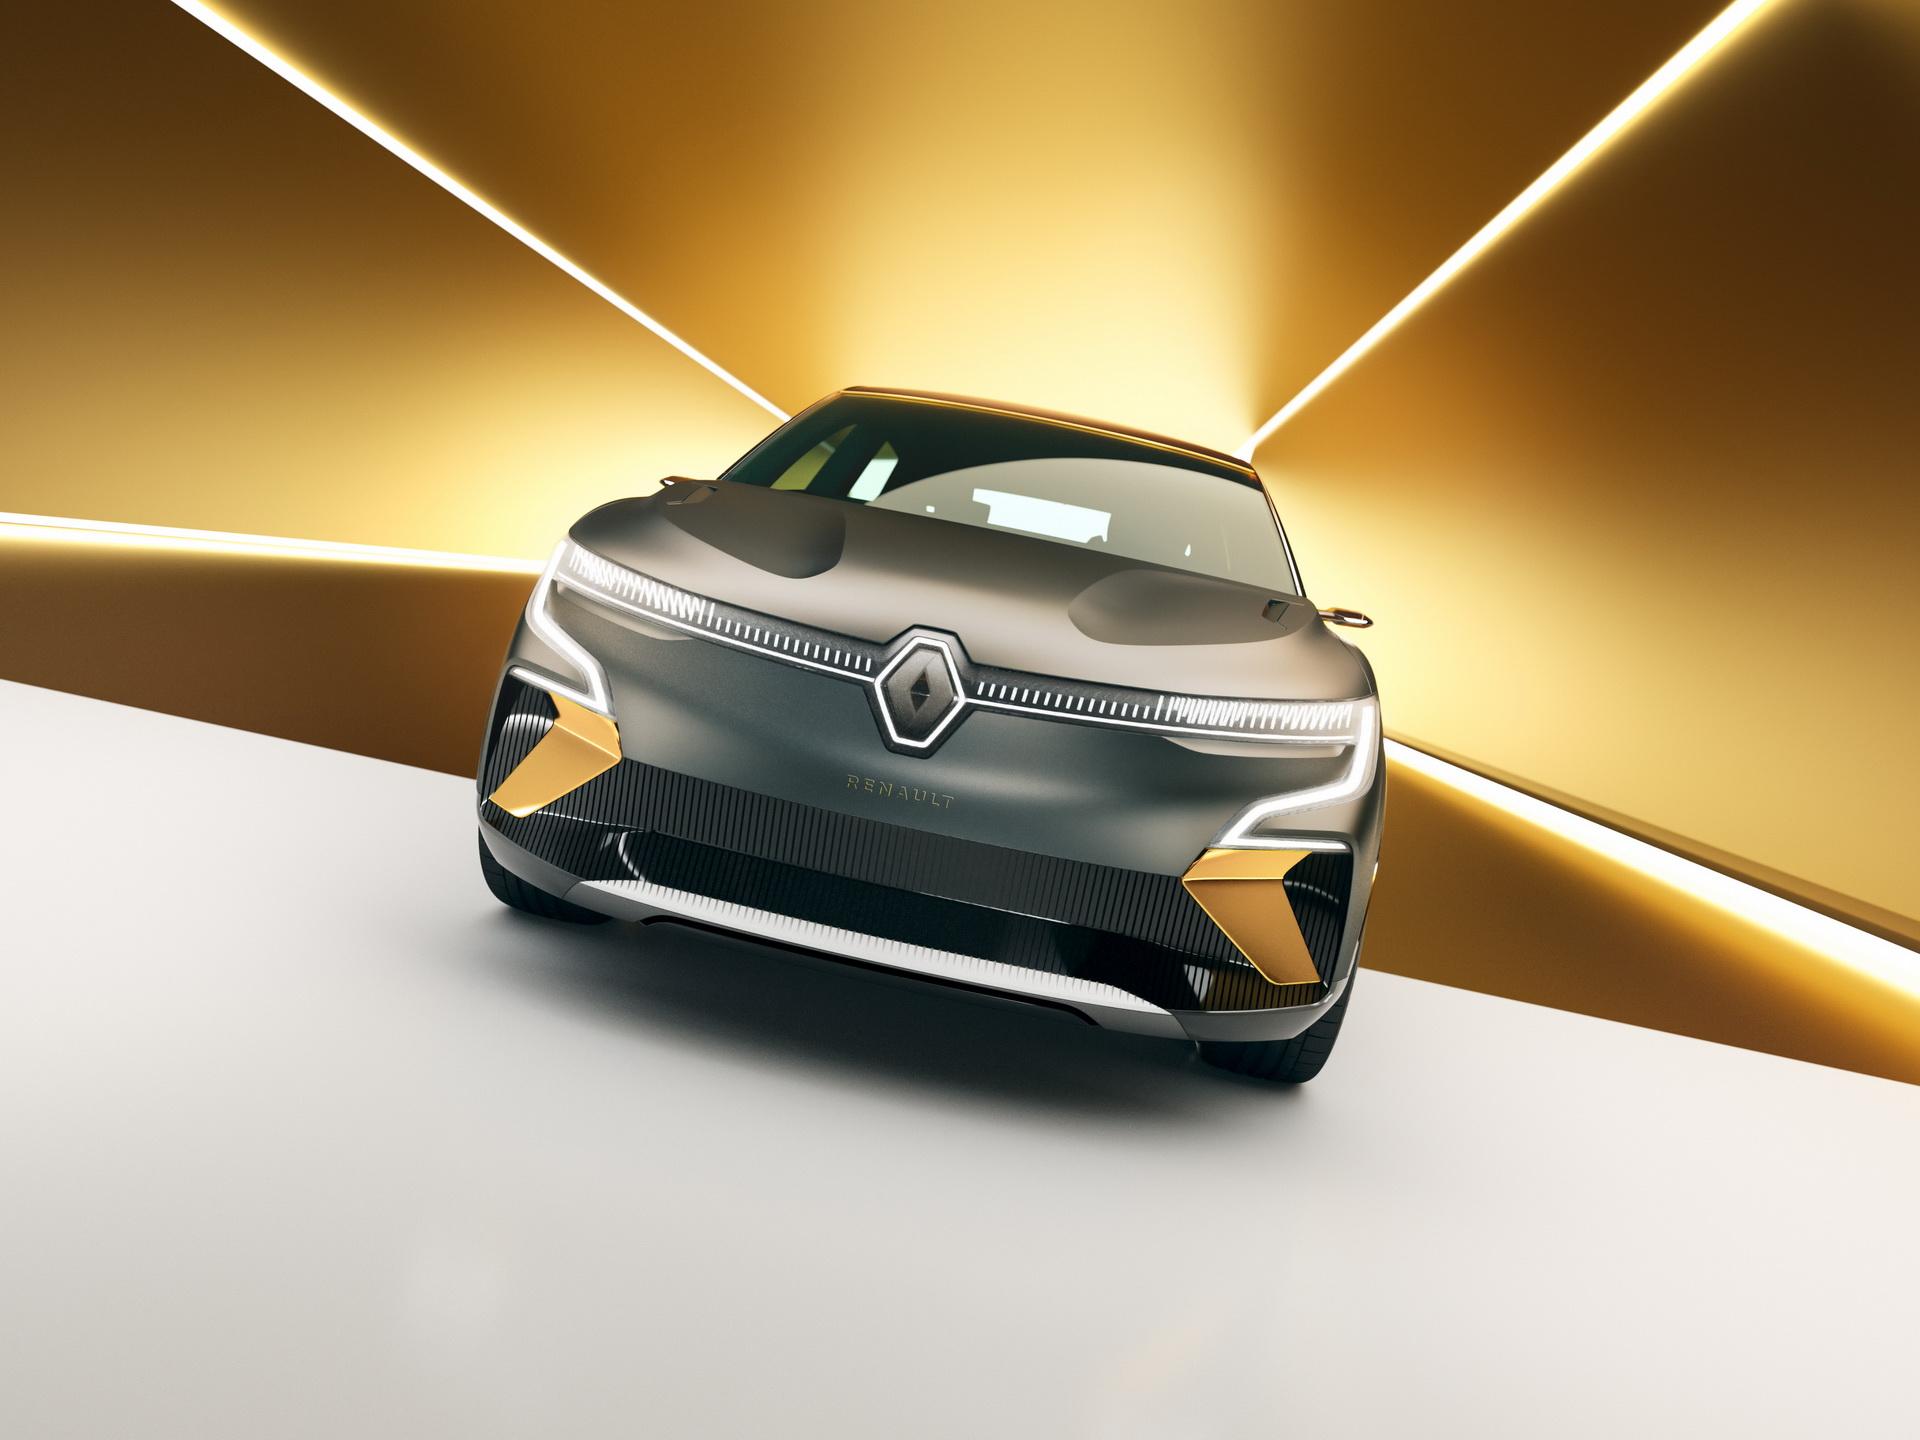 Renault Megane eVision показал дизайн будущего электрического хетчбэка